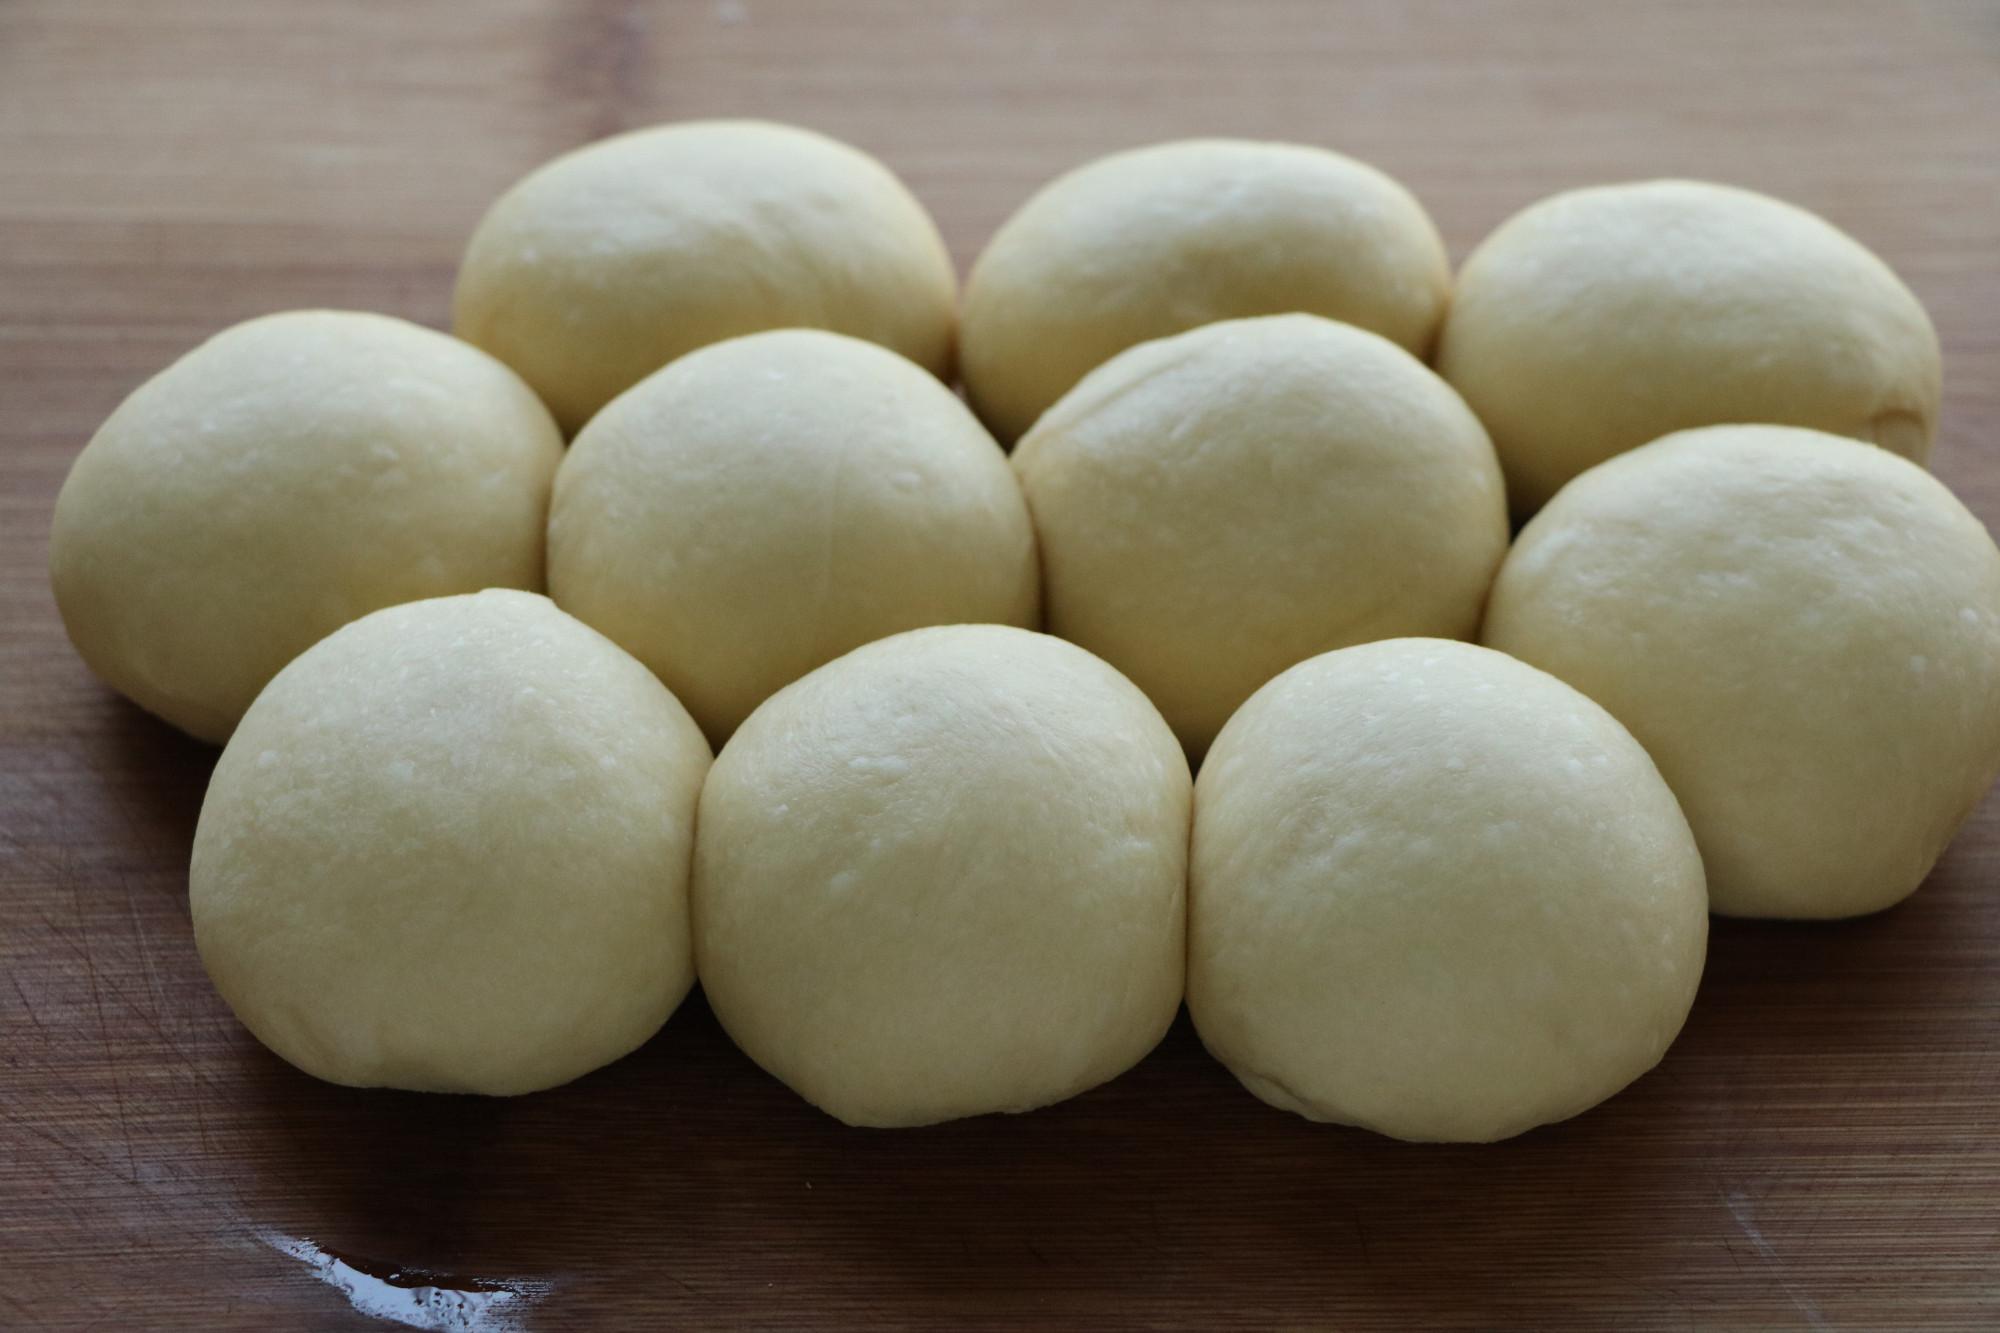 我家就爱这个小面包,连着做了3天,香甜酥脆,柔软拉丝,特解馋